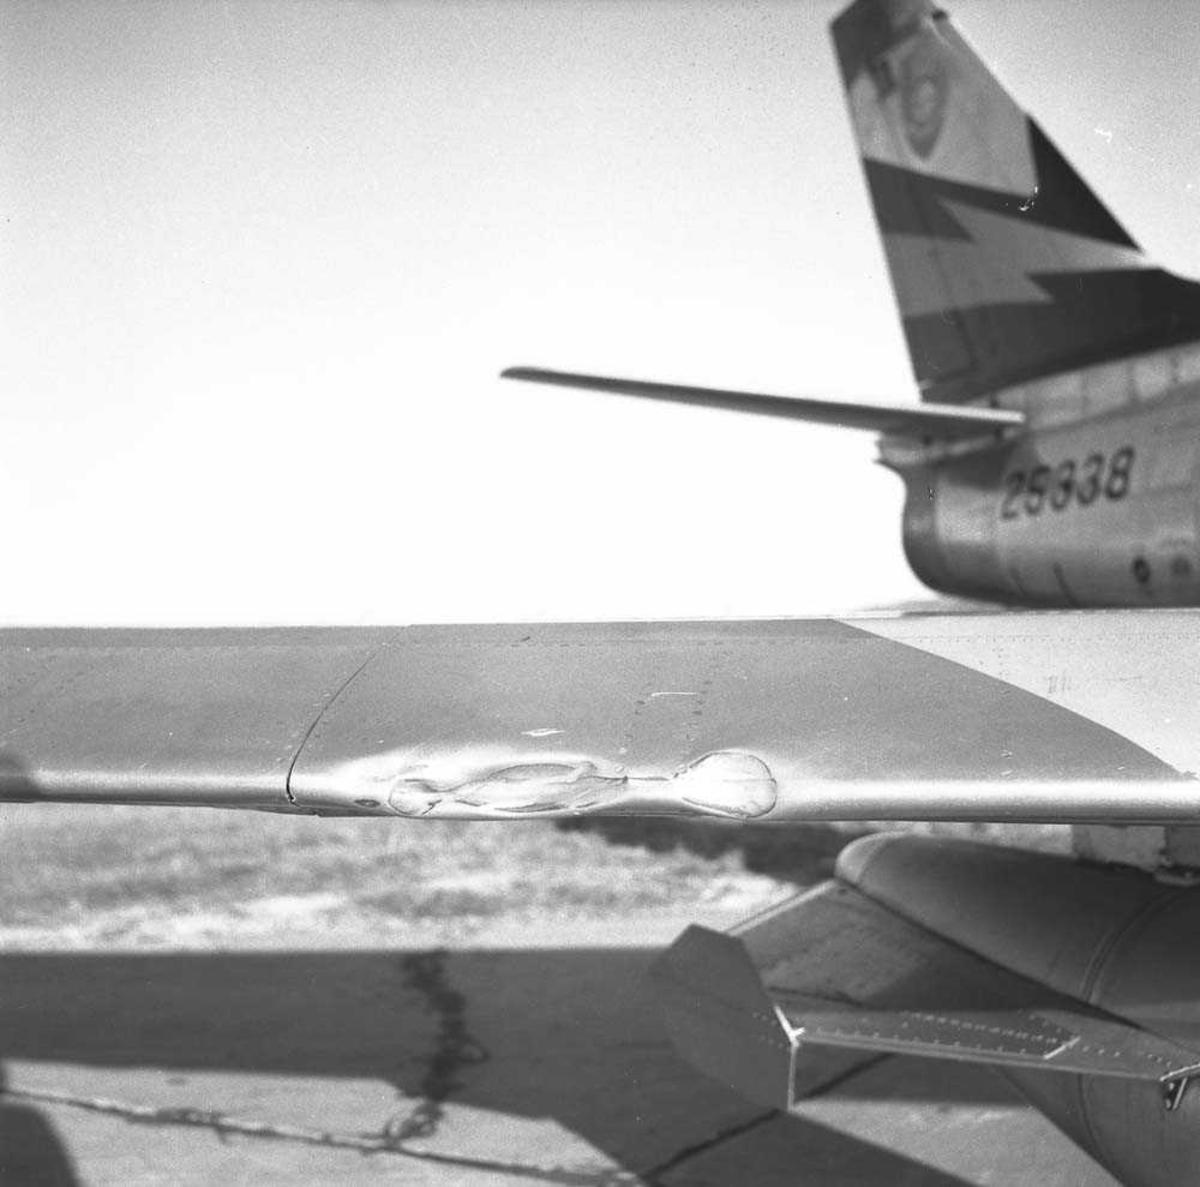 F-86-F Sabre MU-F ser nr. 52-5338, tilhørende 338 skvadron, Ørlandet flystasjon, har havnet utenfor flystripen.